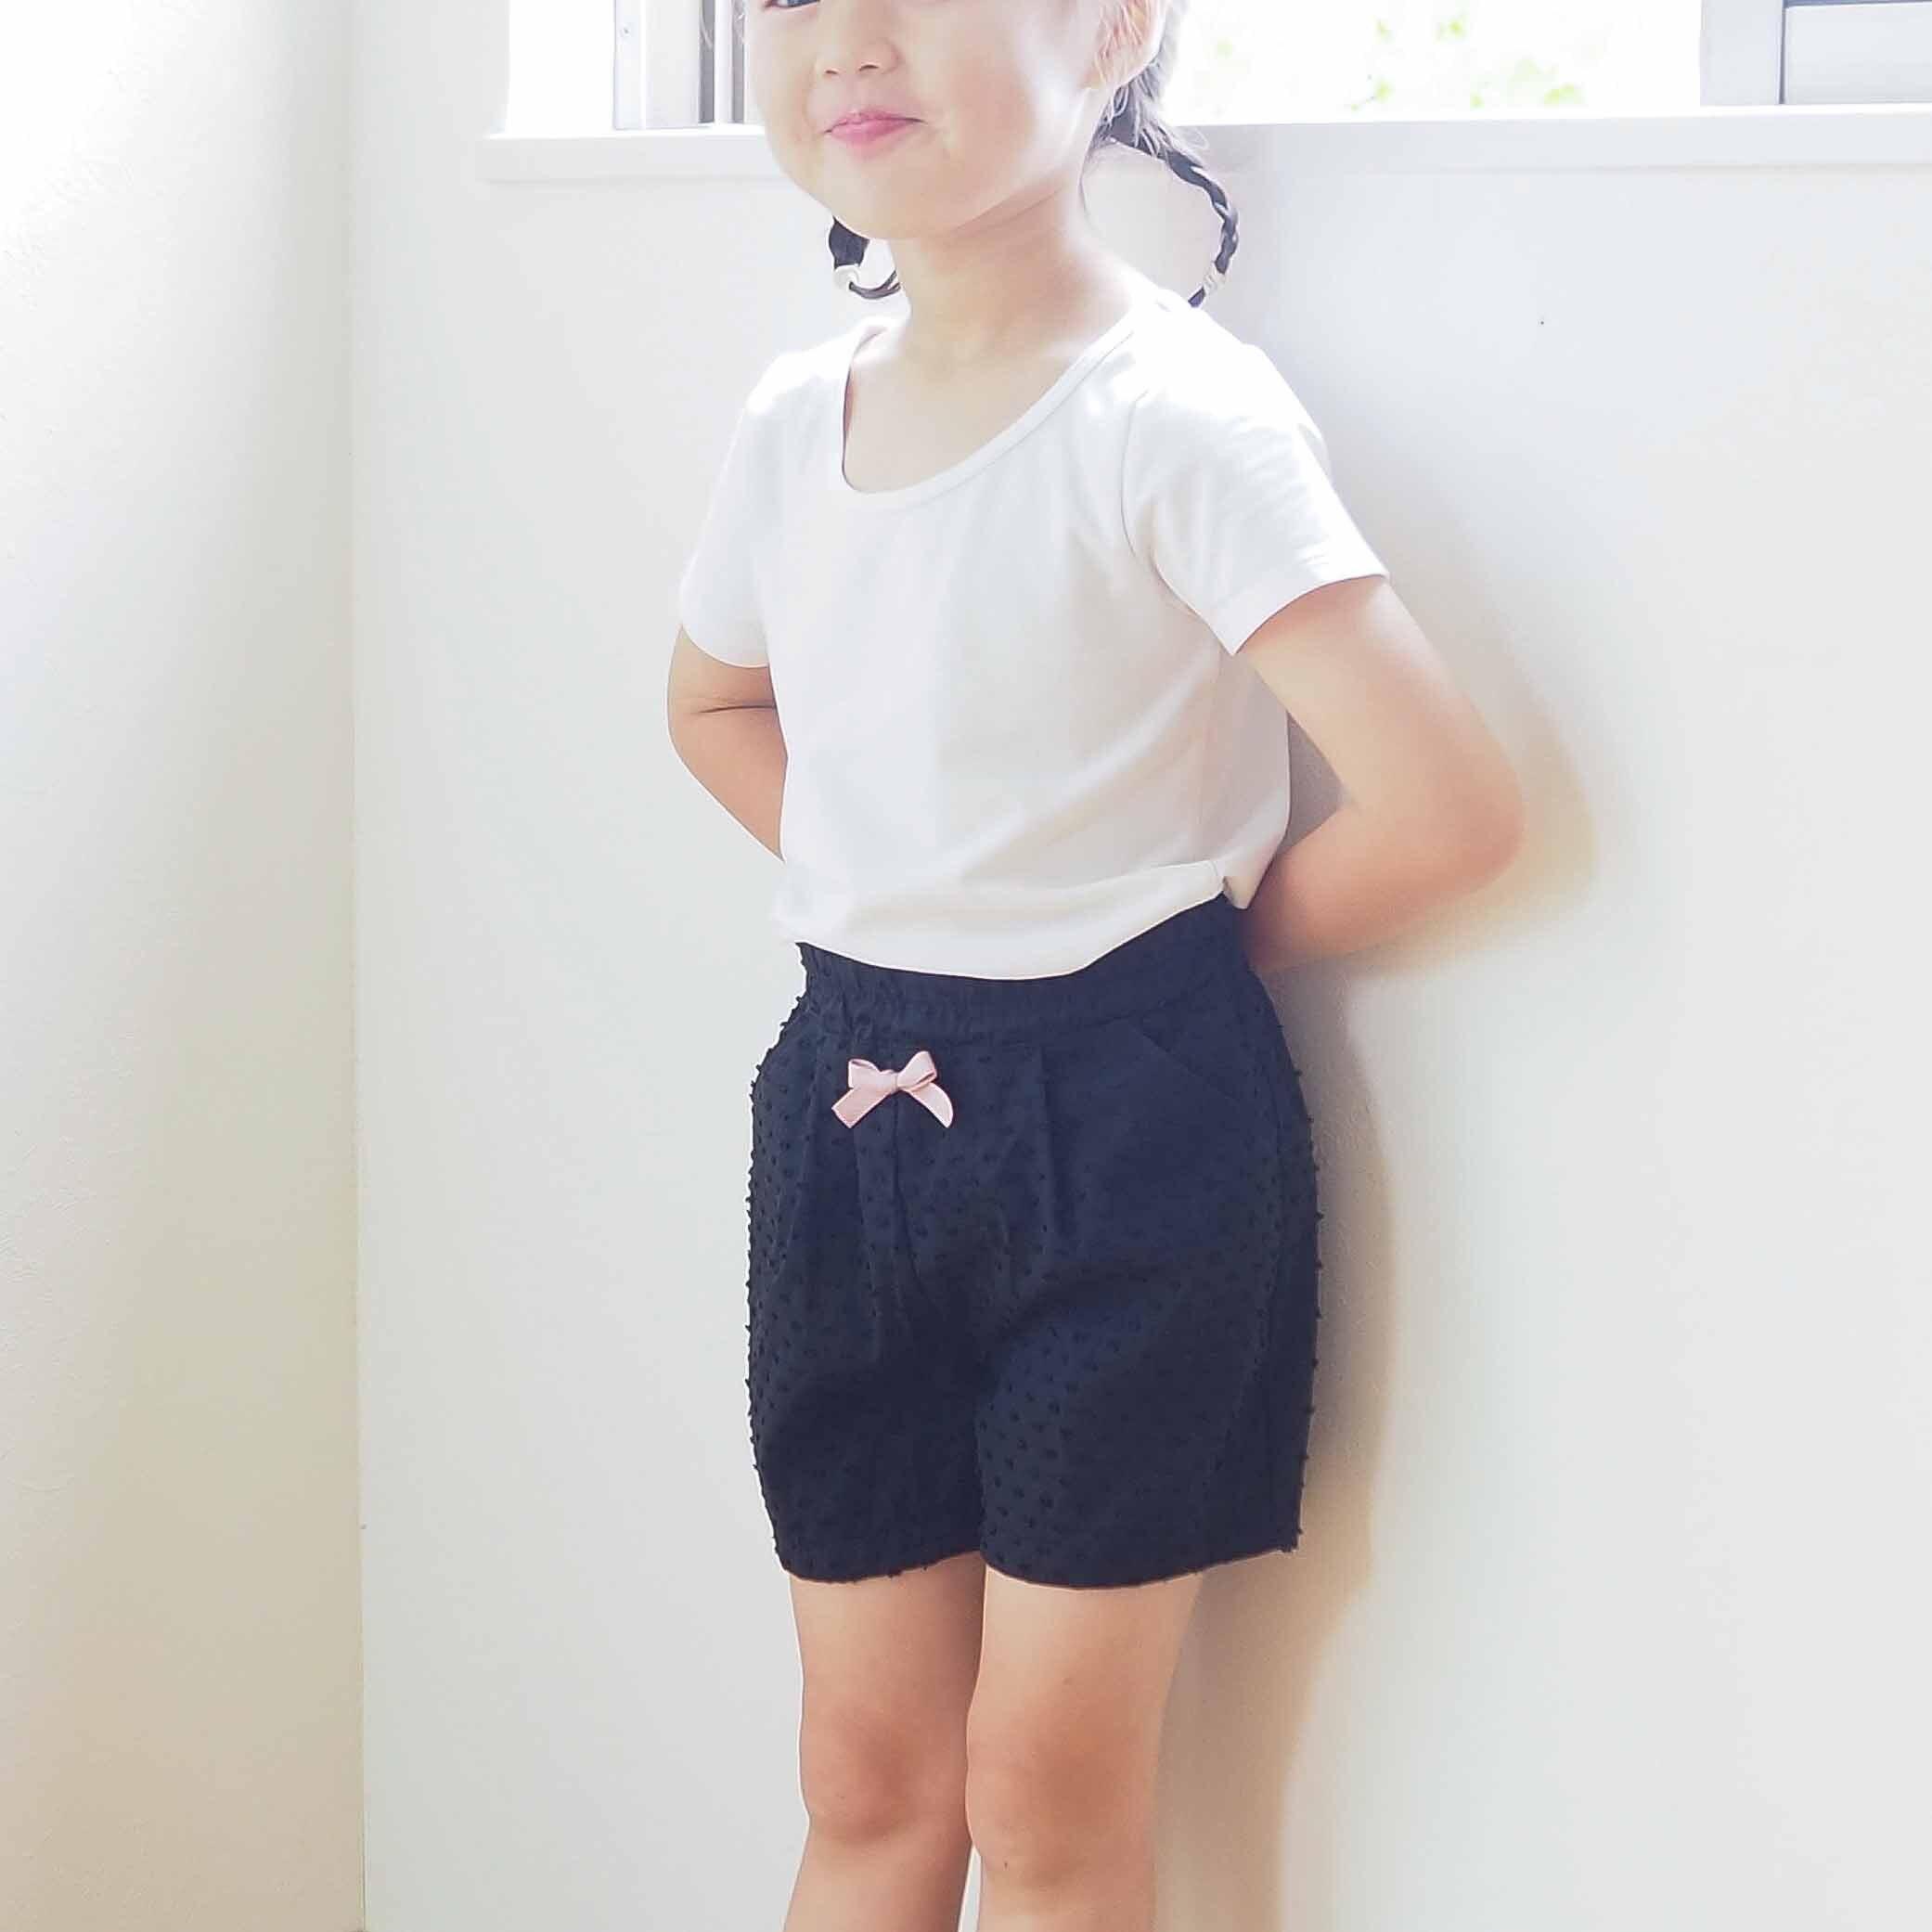 スカート/ワンピースの下に履くパンツ(みずたまブラック)